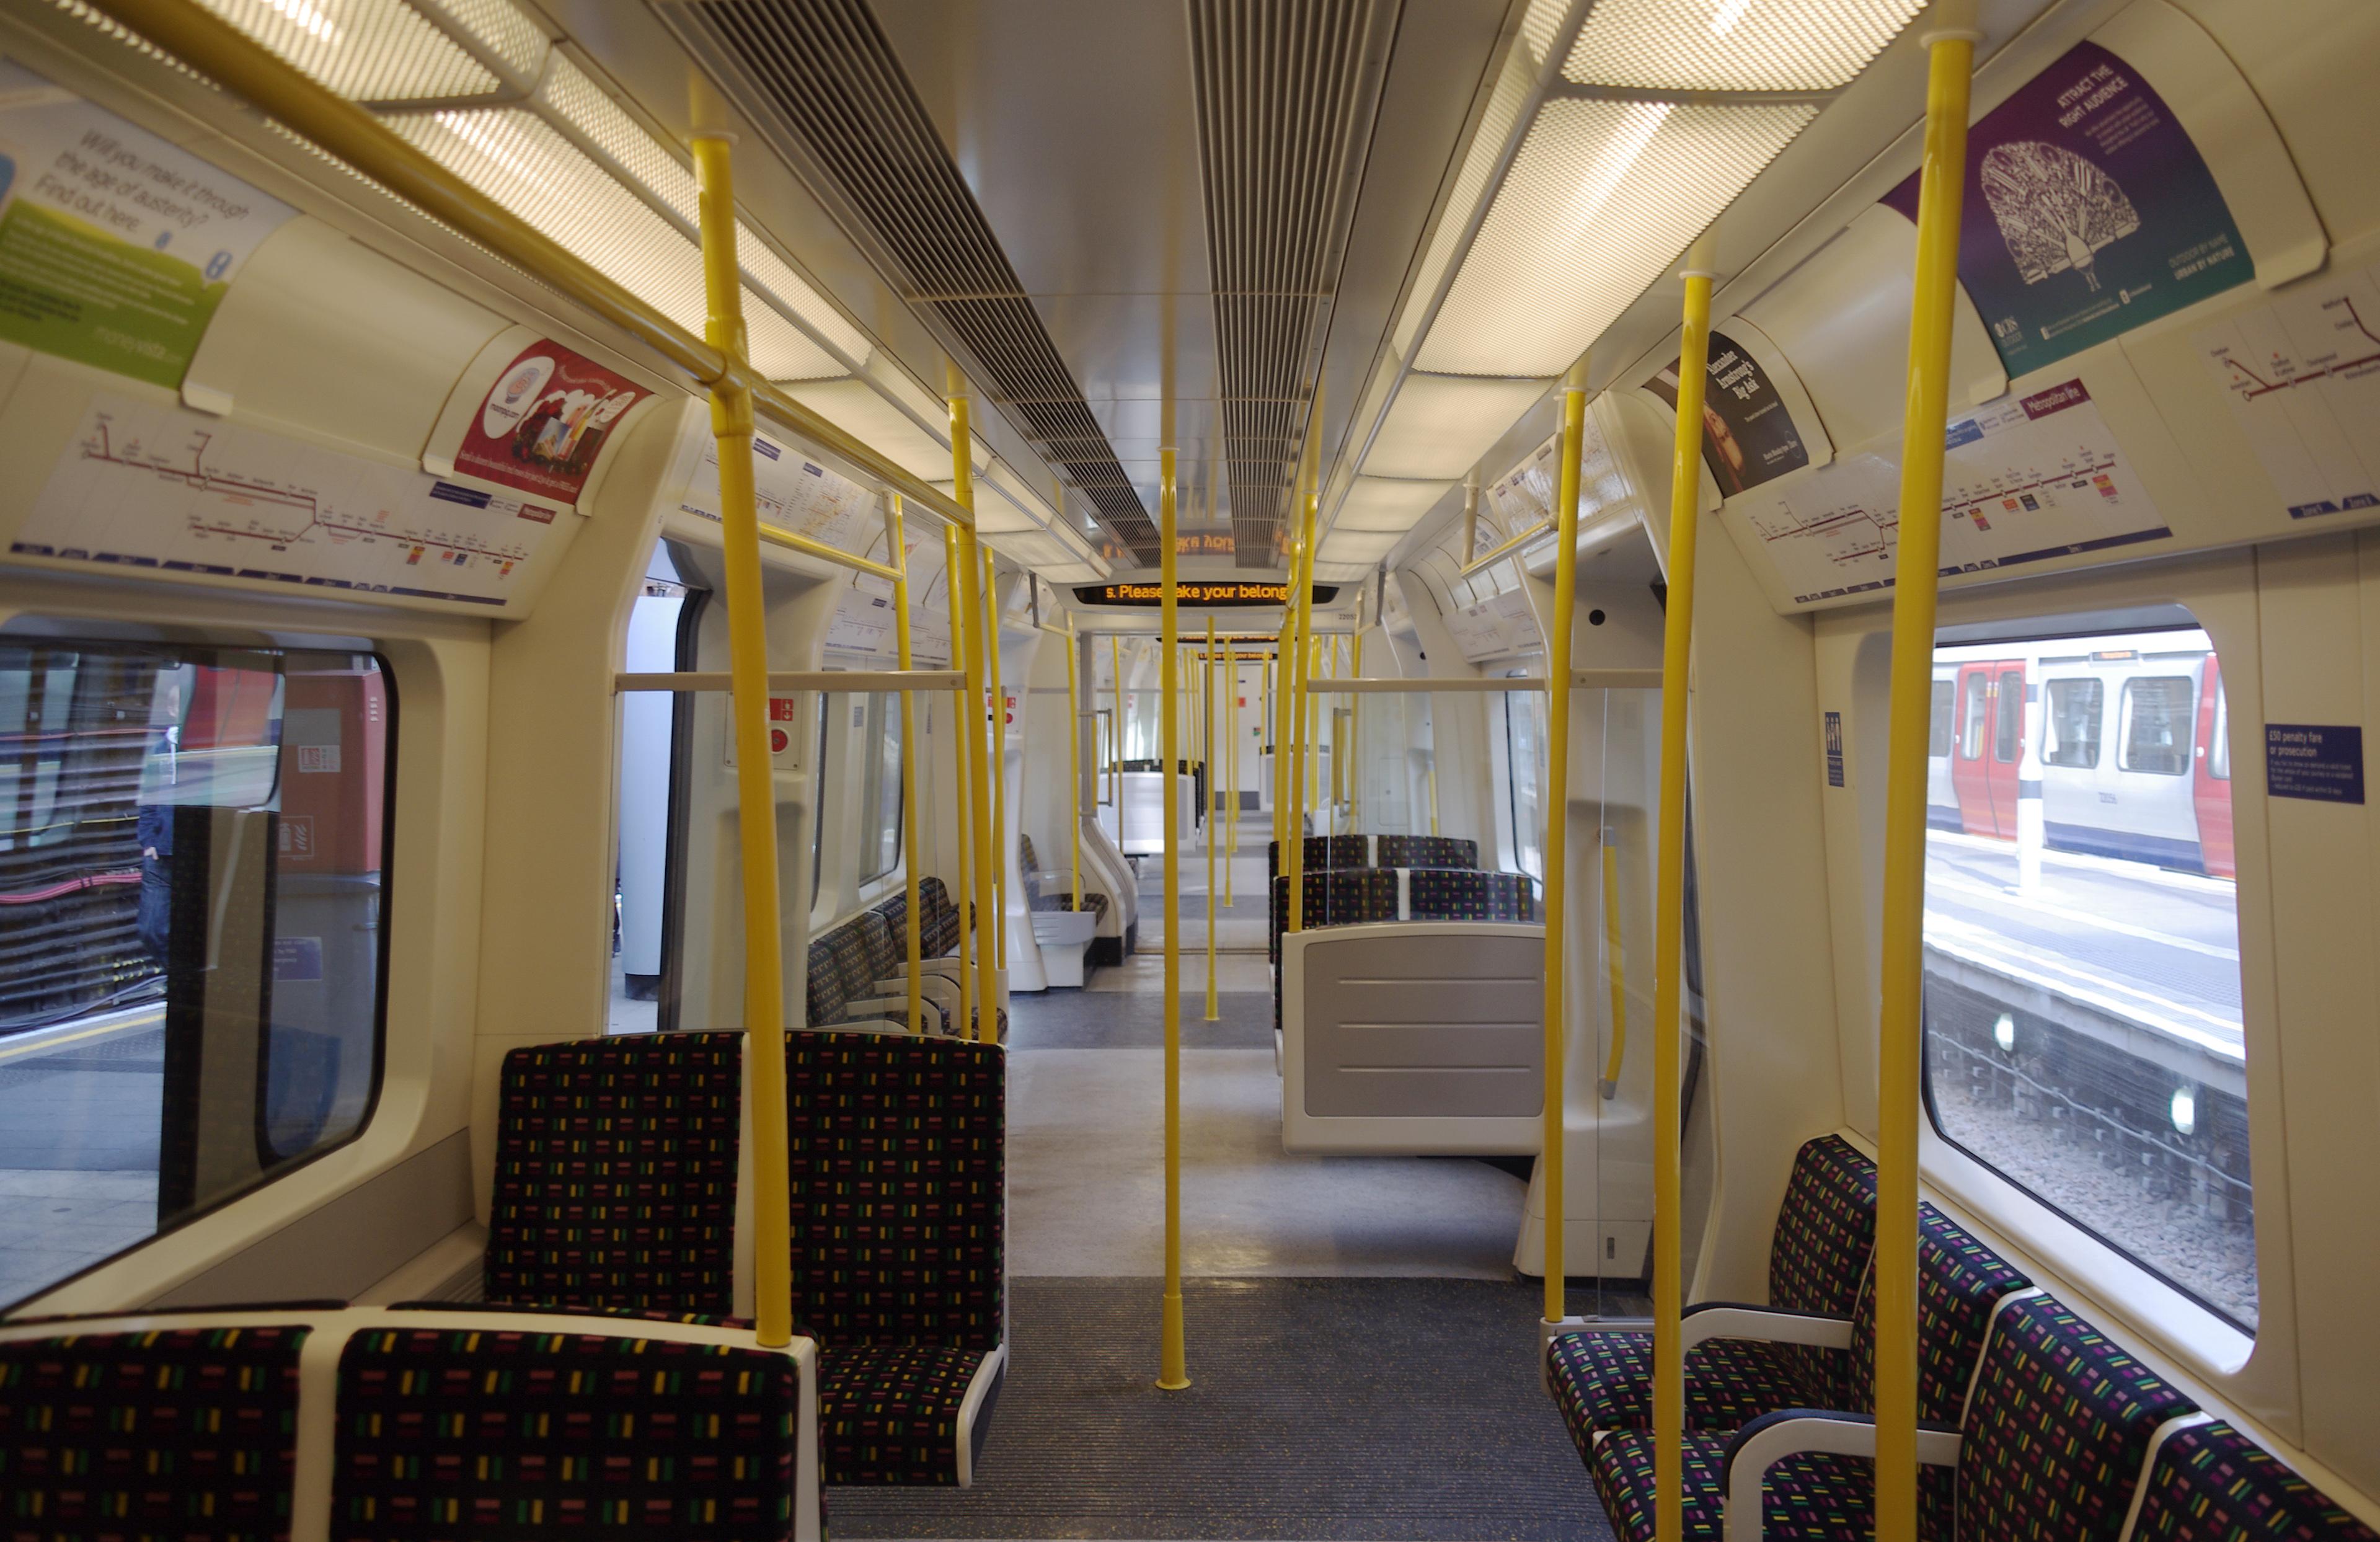 Baker_Street_tube_station_MMB_11